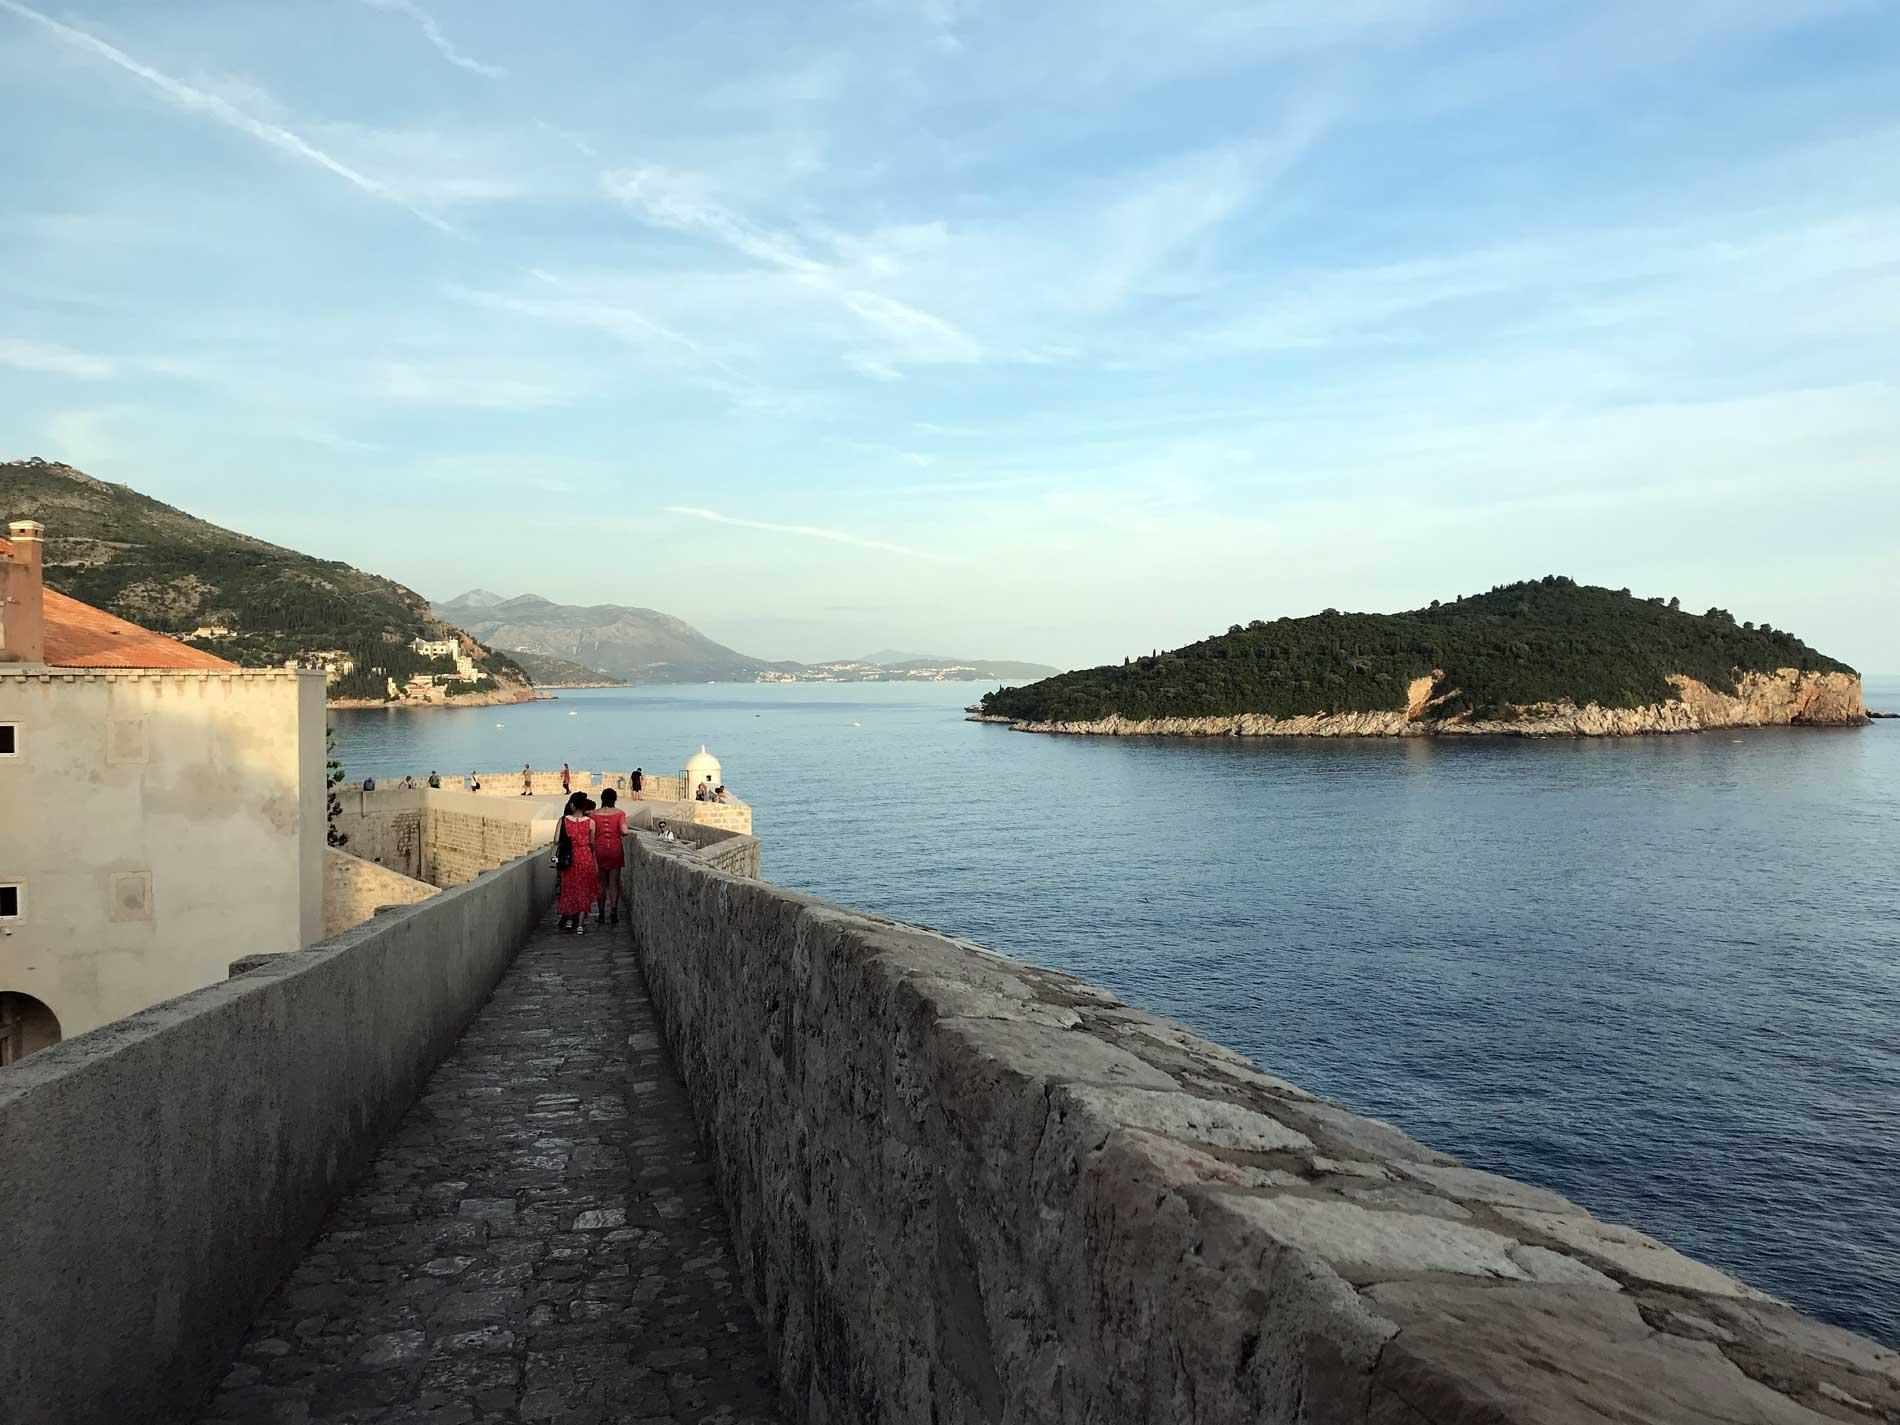 Dubrovnik-Croazia-vista-dalle-mura-isola-di-Lokrum-mare-Adriatico